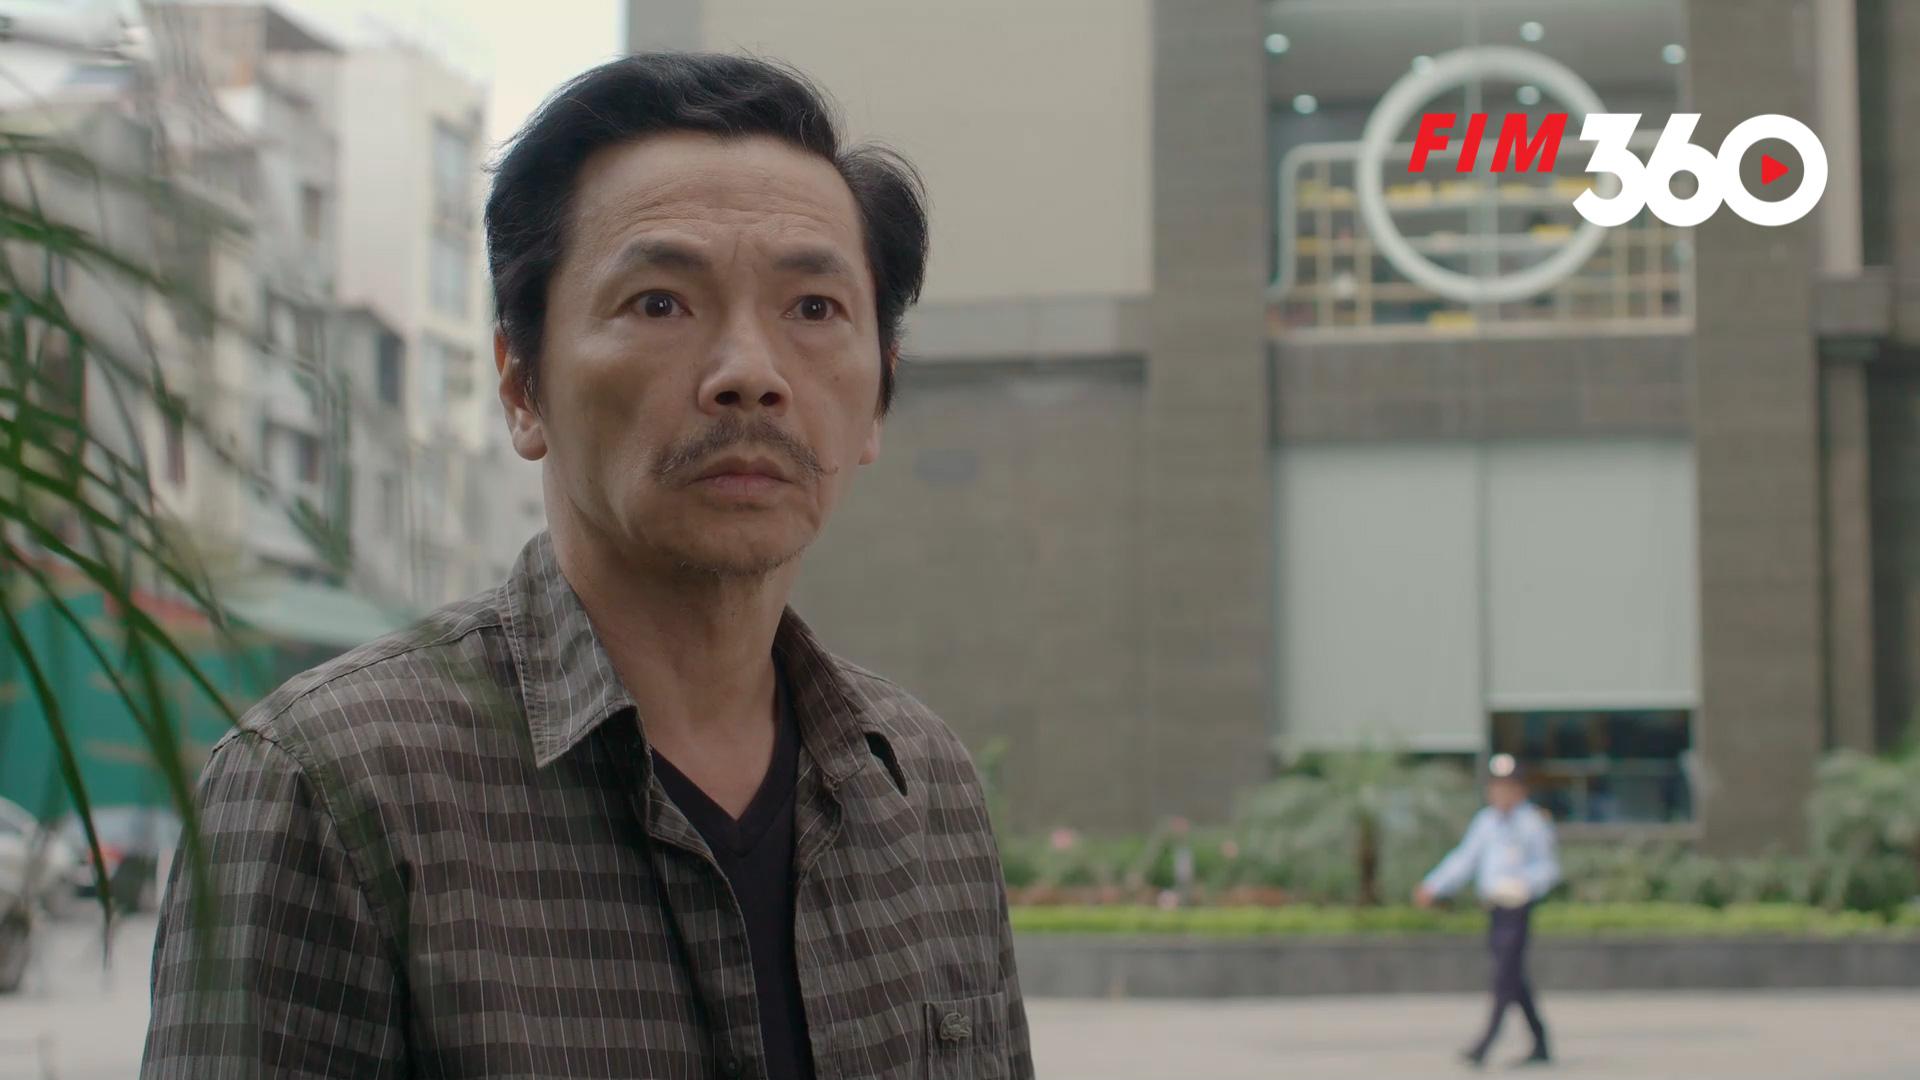 Ông Tôn 'lật bài ngửa', tuyên bố Huấn không thể cướp lấy Hà Vy trong tập 36 'Mặt nạ hạnh phúc' 0